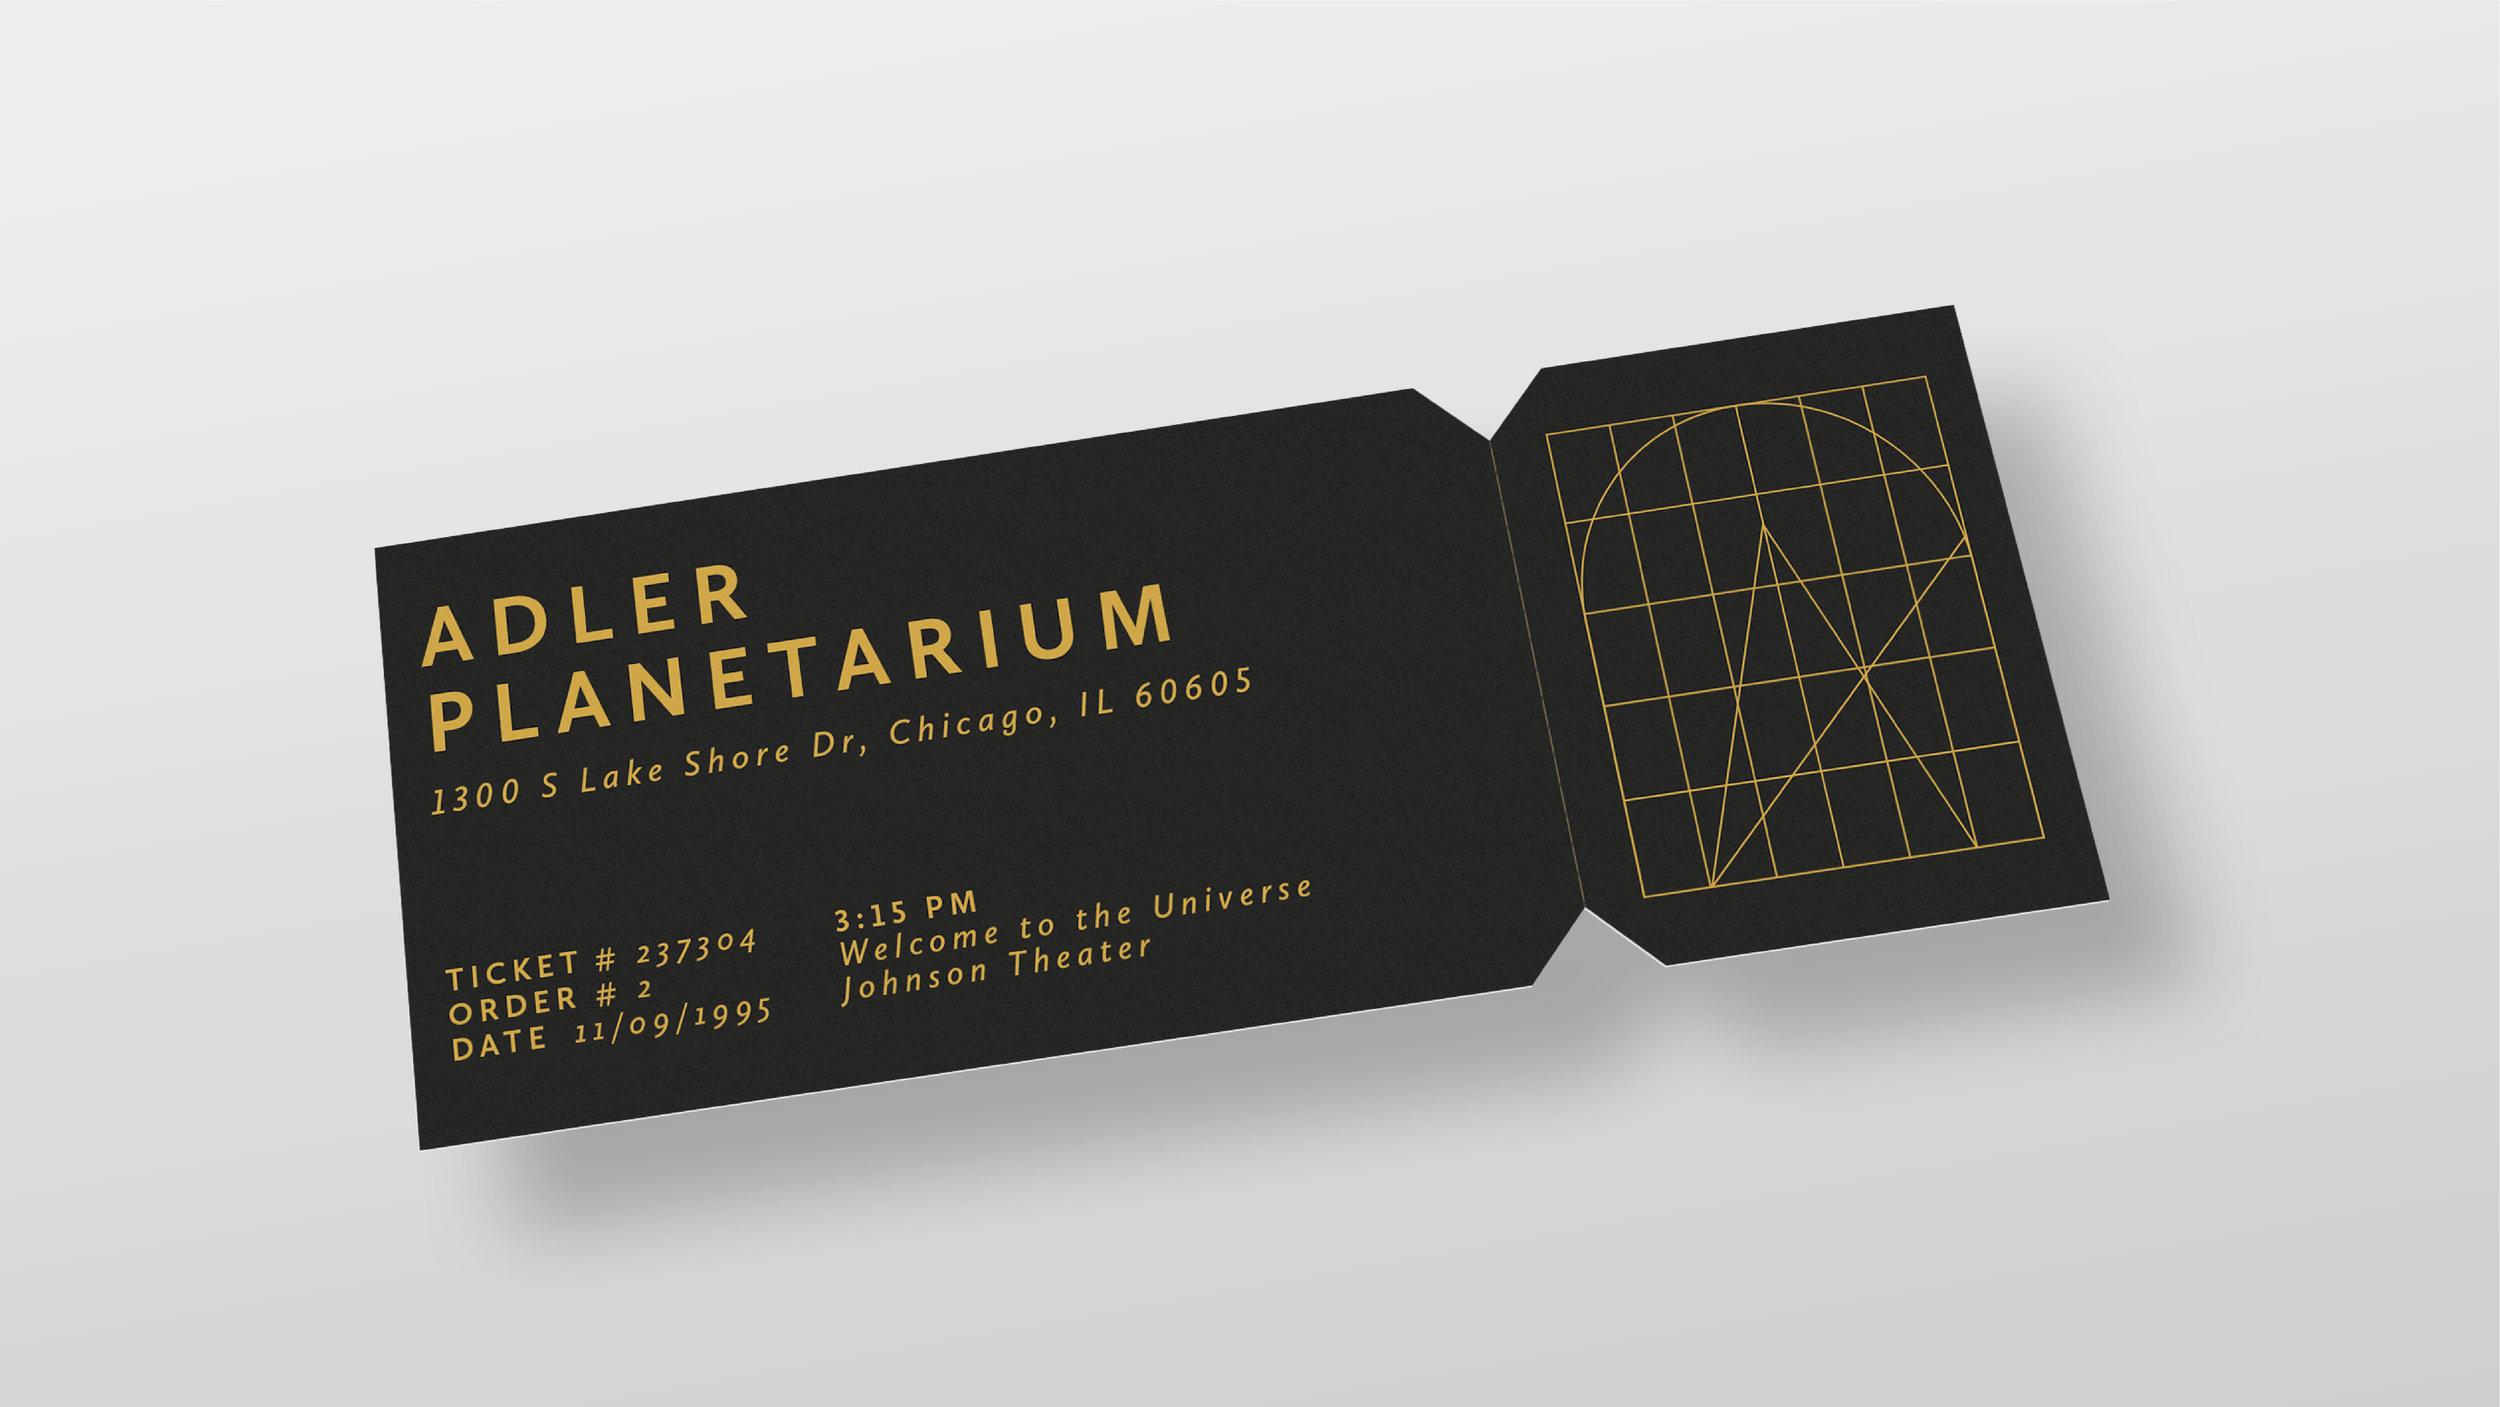 adler-planetarium-online-04.jpg